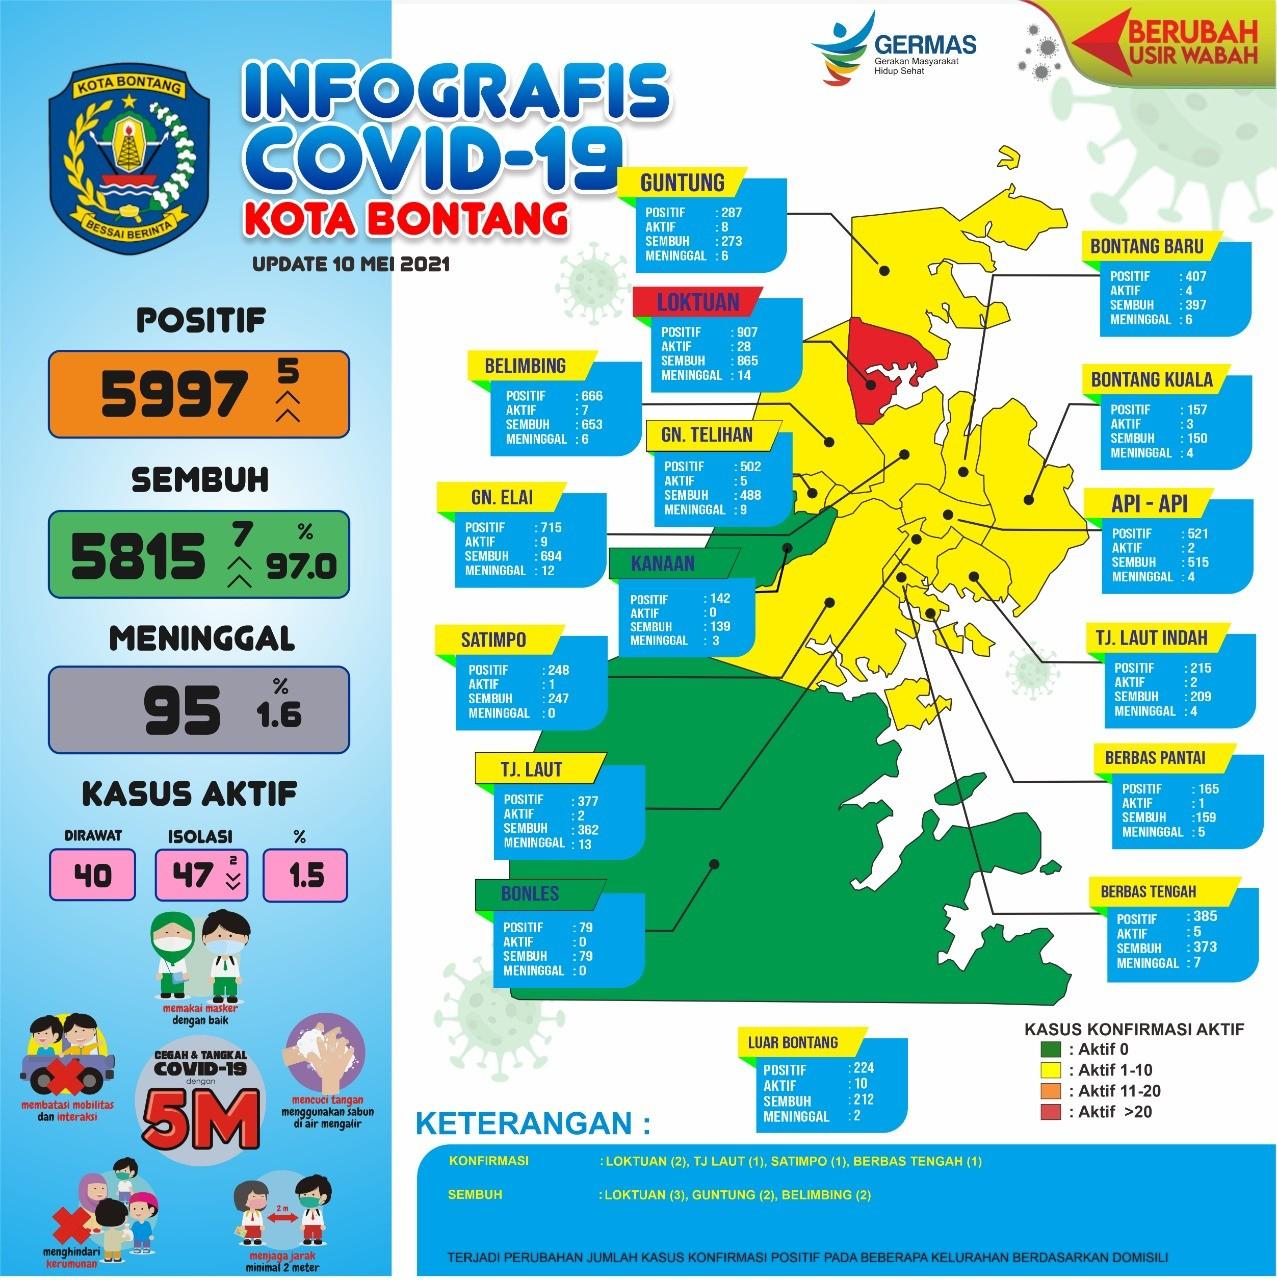 Update ! Covid-19 di Bontang 10 Mei 2021, Sisa 40 Pasien Positif di Rawat